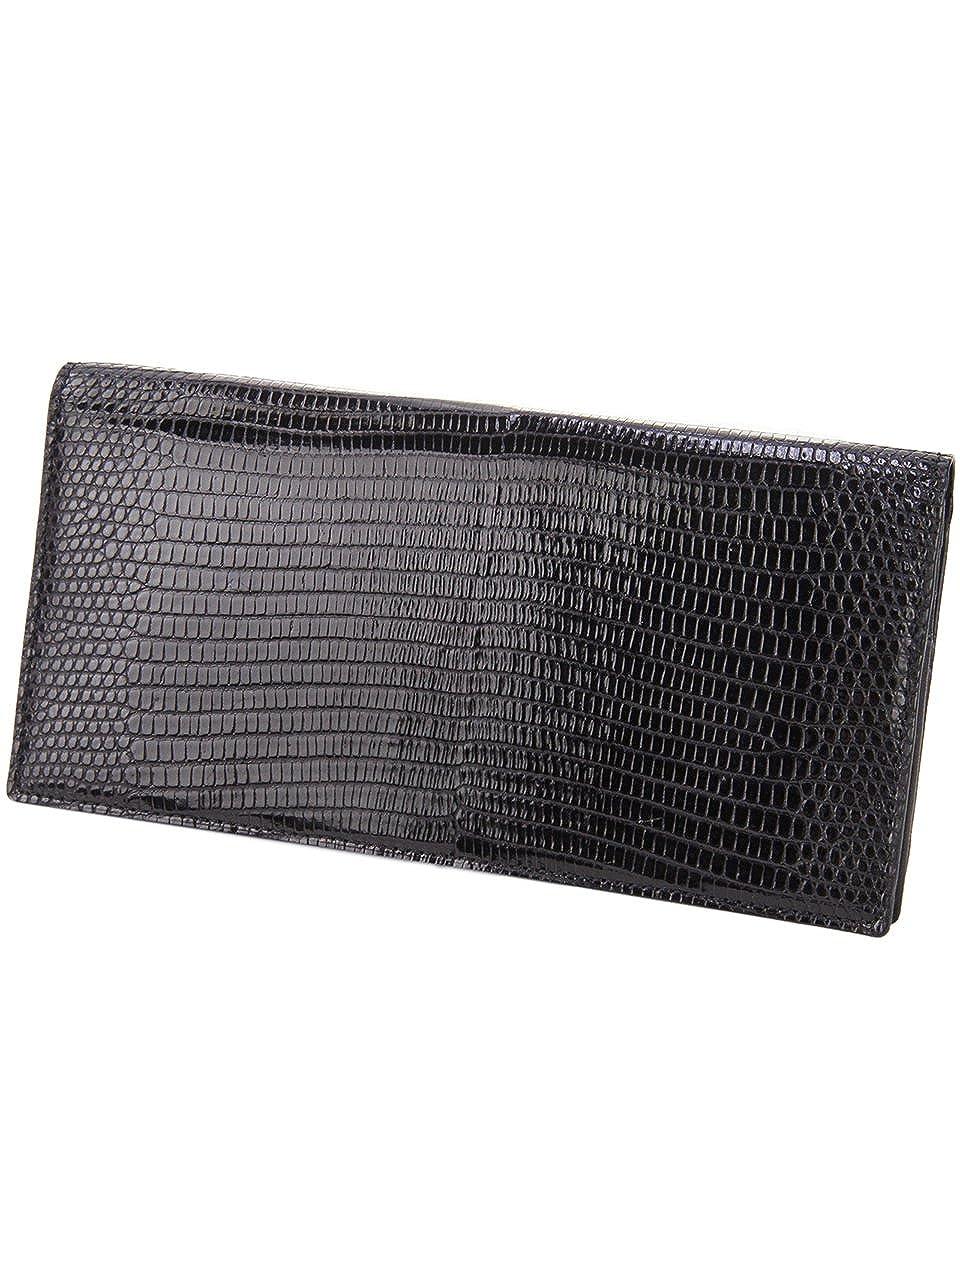 ペッレモルビダ 二つ折り長財布 本革 バルカ リザードレザー メンズ LI003 B01M5D850O ブラック